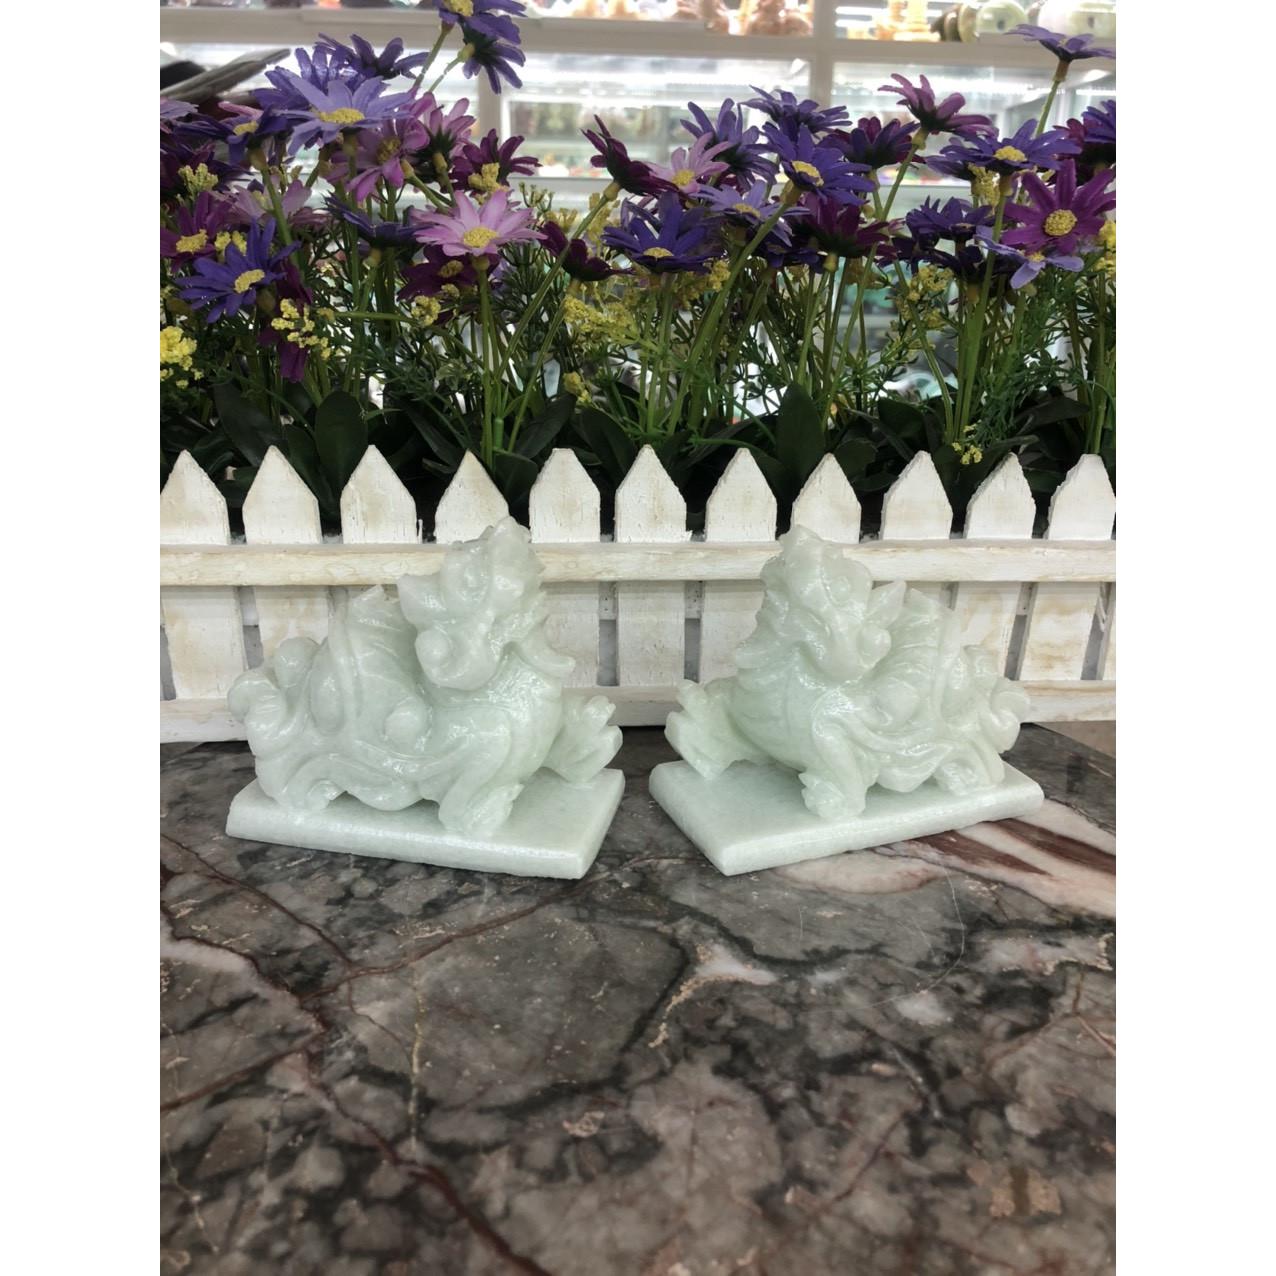 Cặp Tỳ Hưu phong thủy đá cẩm thạch trắng xanh - Dài 11 cm